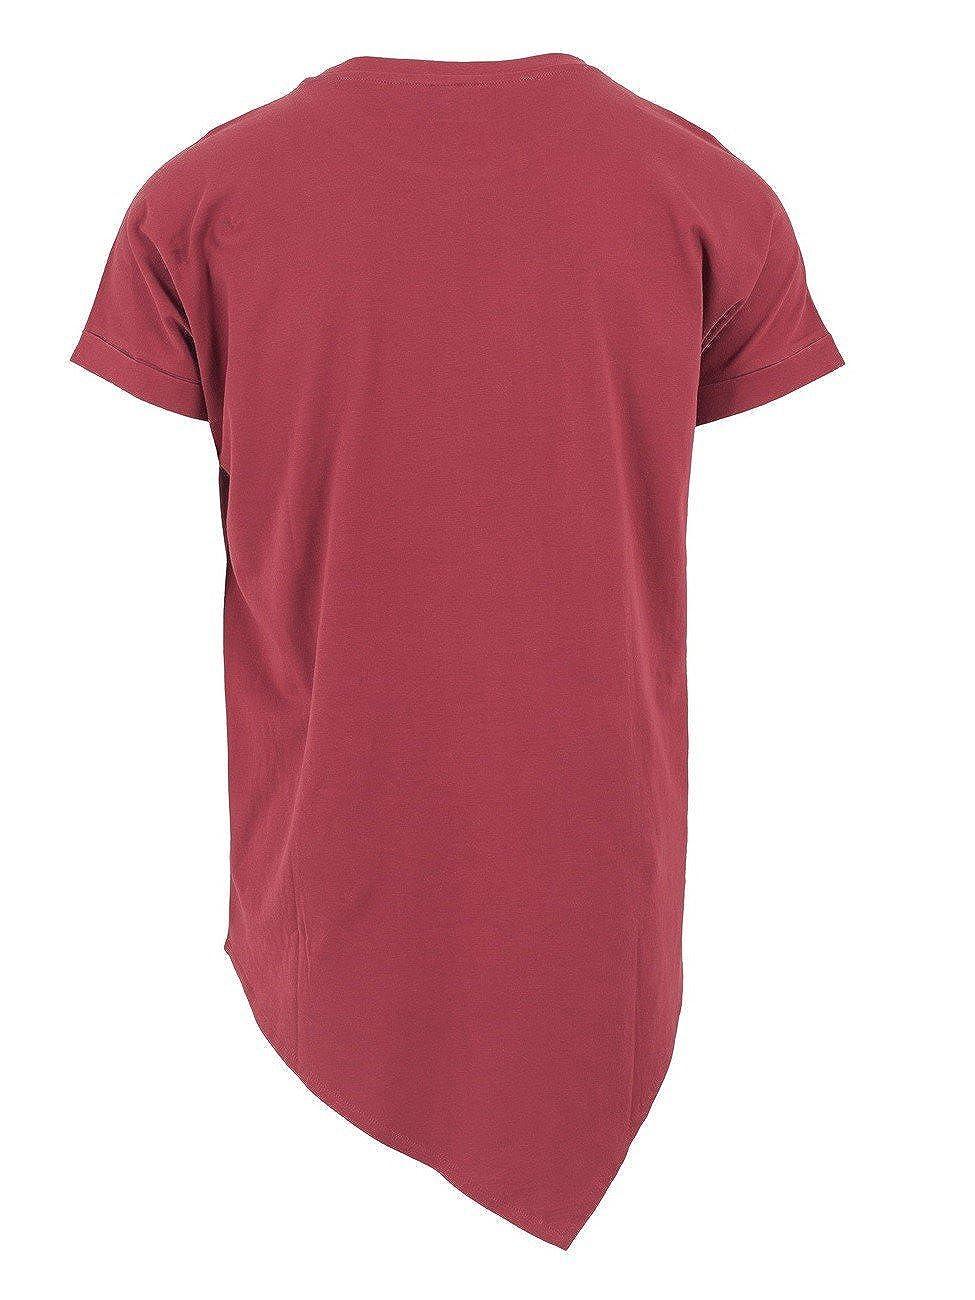 T-shirt   Shopping online per abbigliamento 9a69ae34b3b7